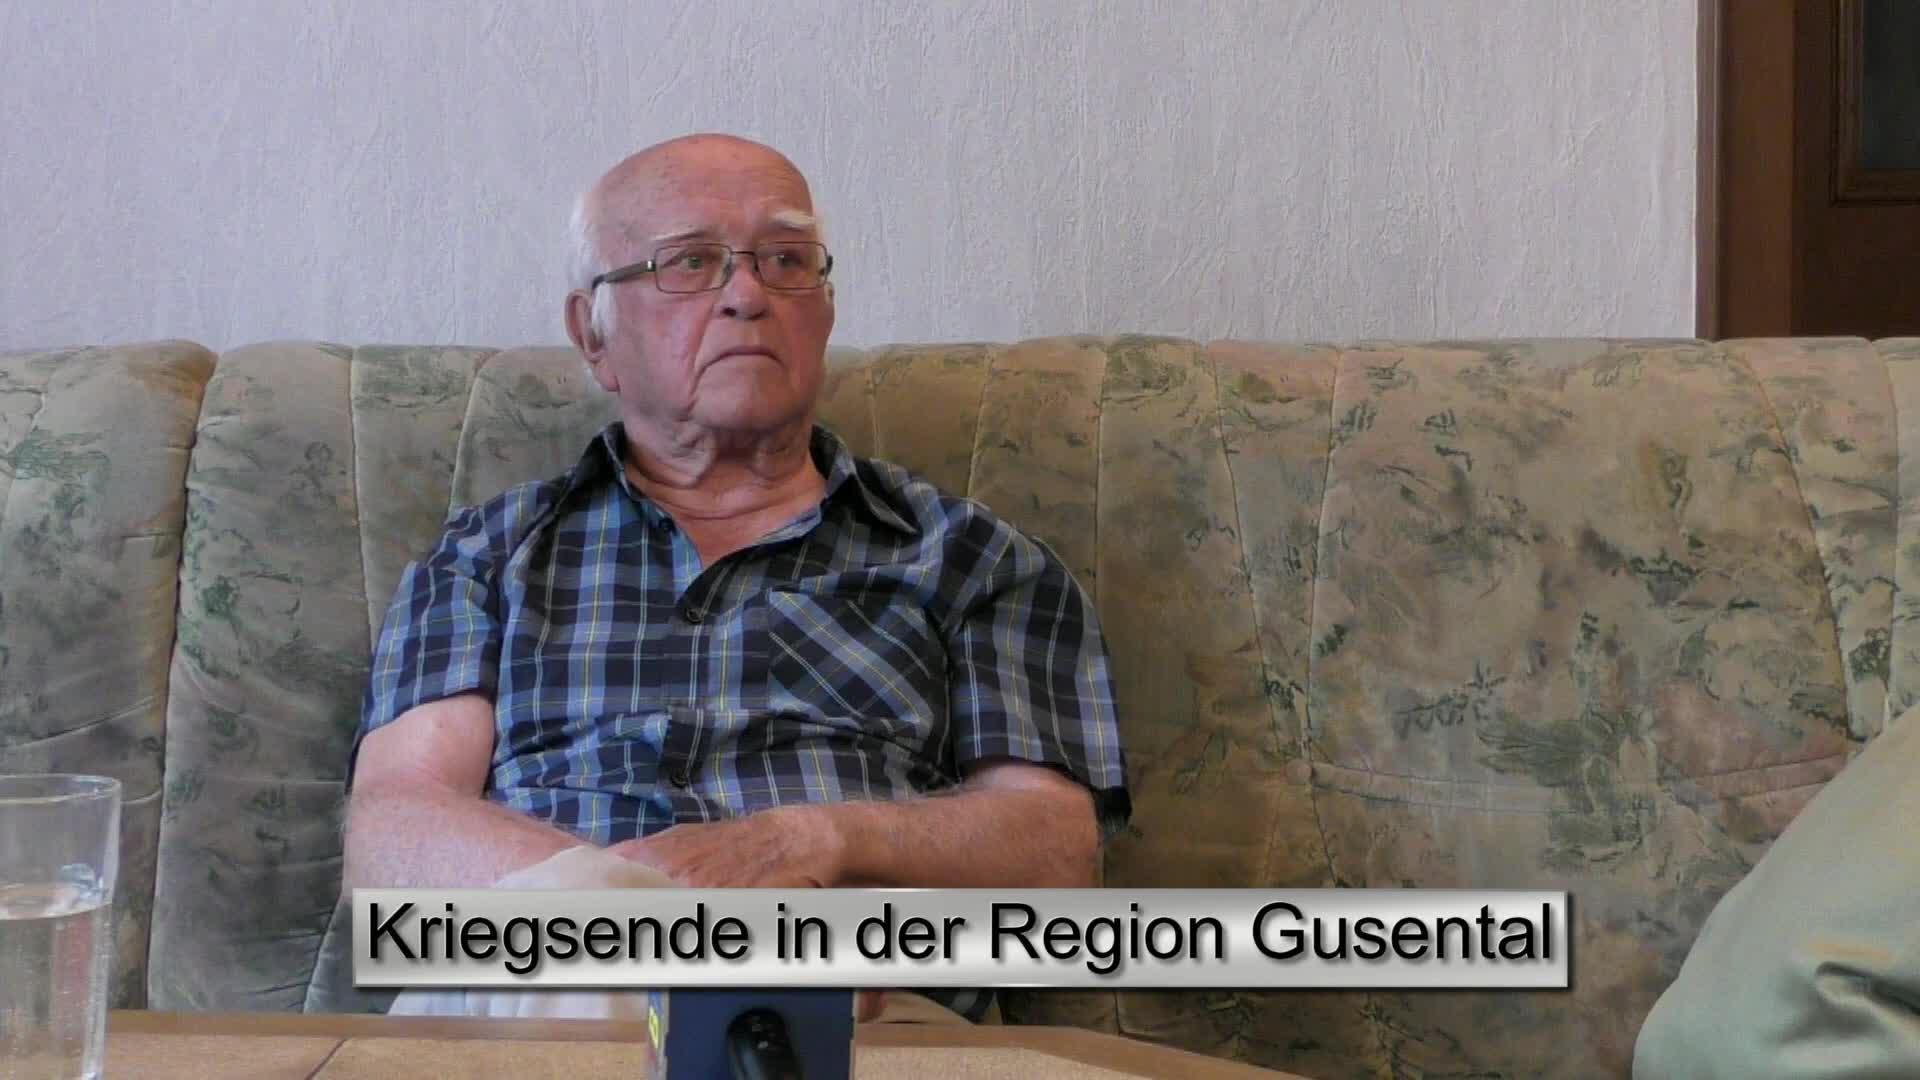 Kriegsende in der Region Gusental!